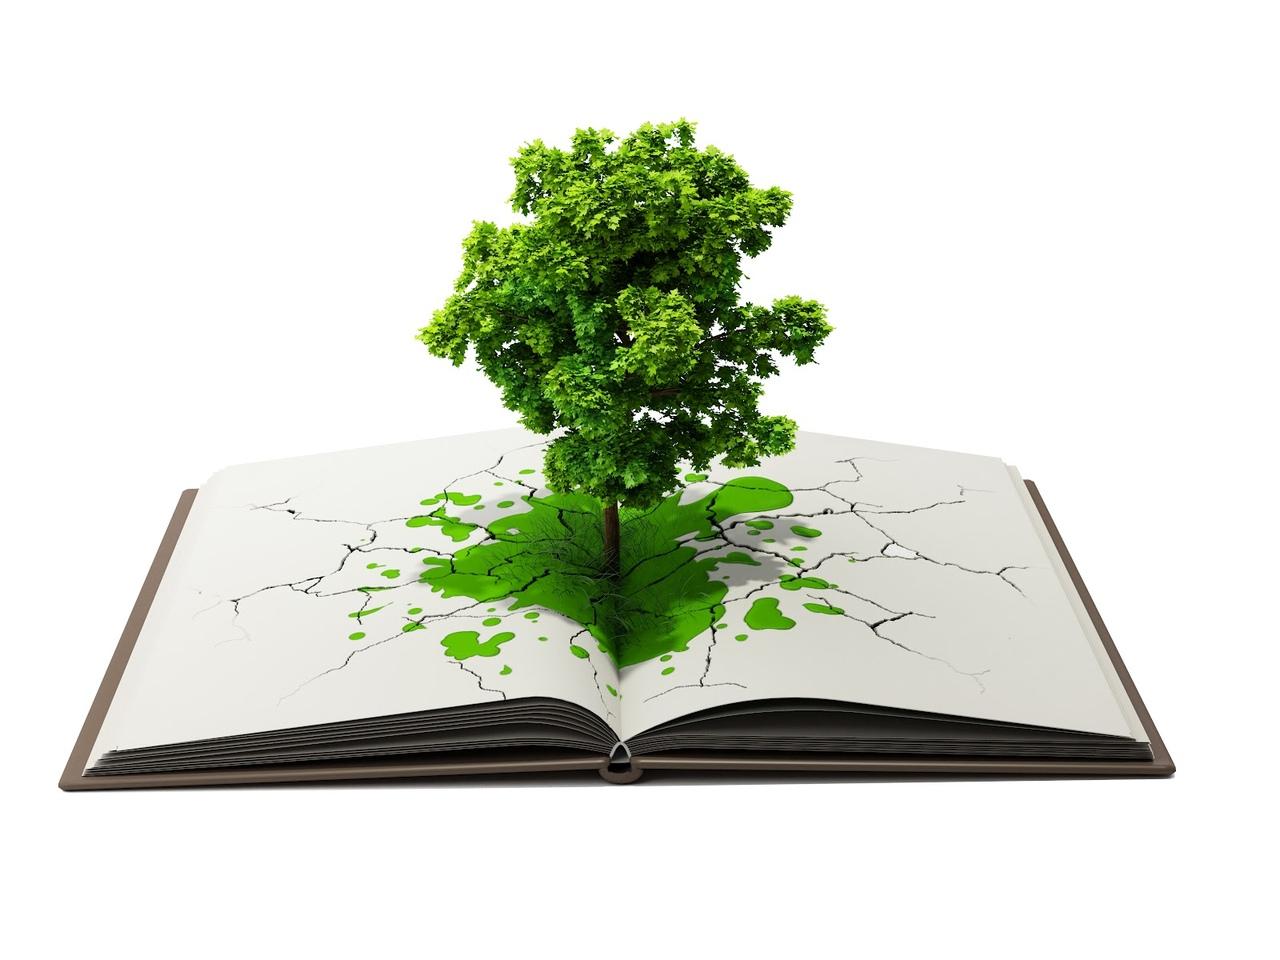 экологическая грамотность картинки